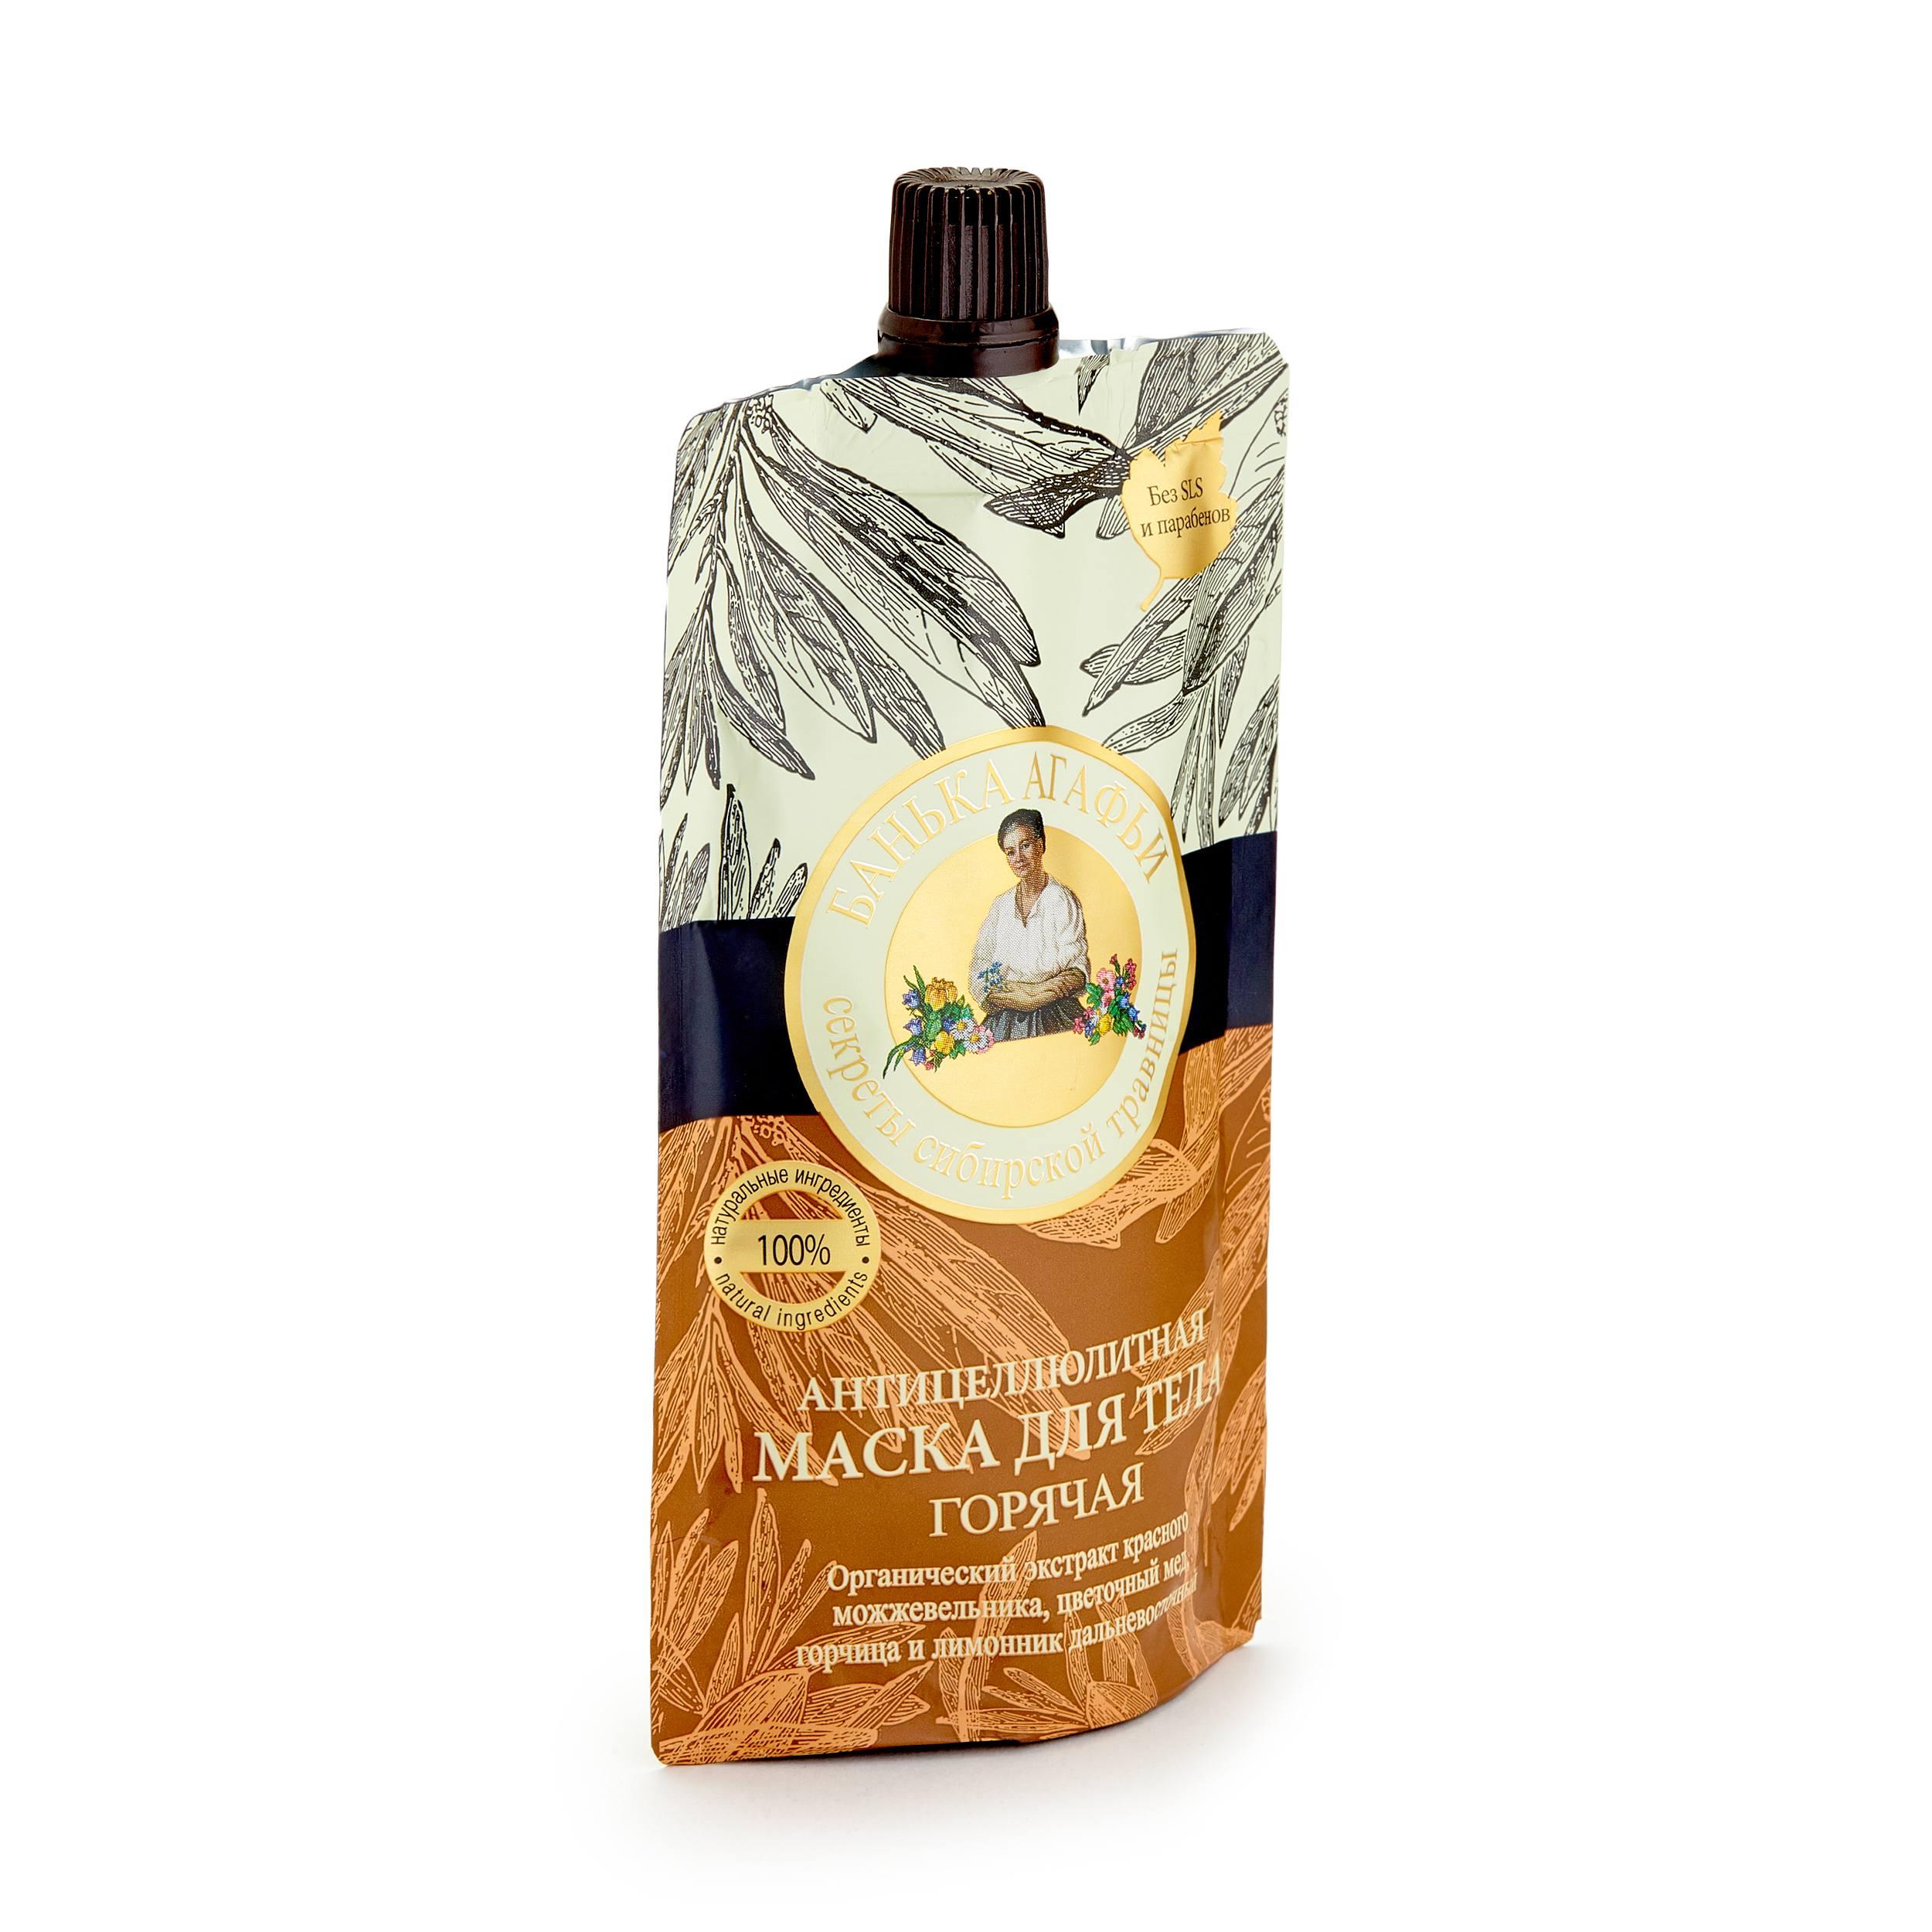 Купить Банька Агафьи Маска для тела Антицеллюлитная горячая , 100 мл, РЕЦЕПТЫ БАБУШКИ АГАФЬИ (shop: Organic-shops Organic shops)